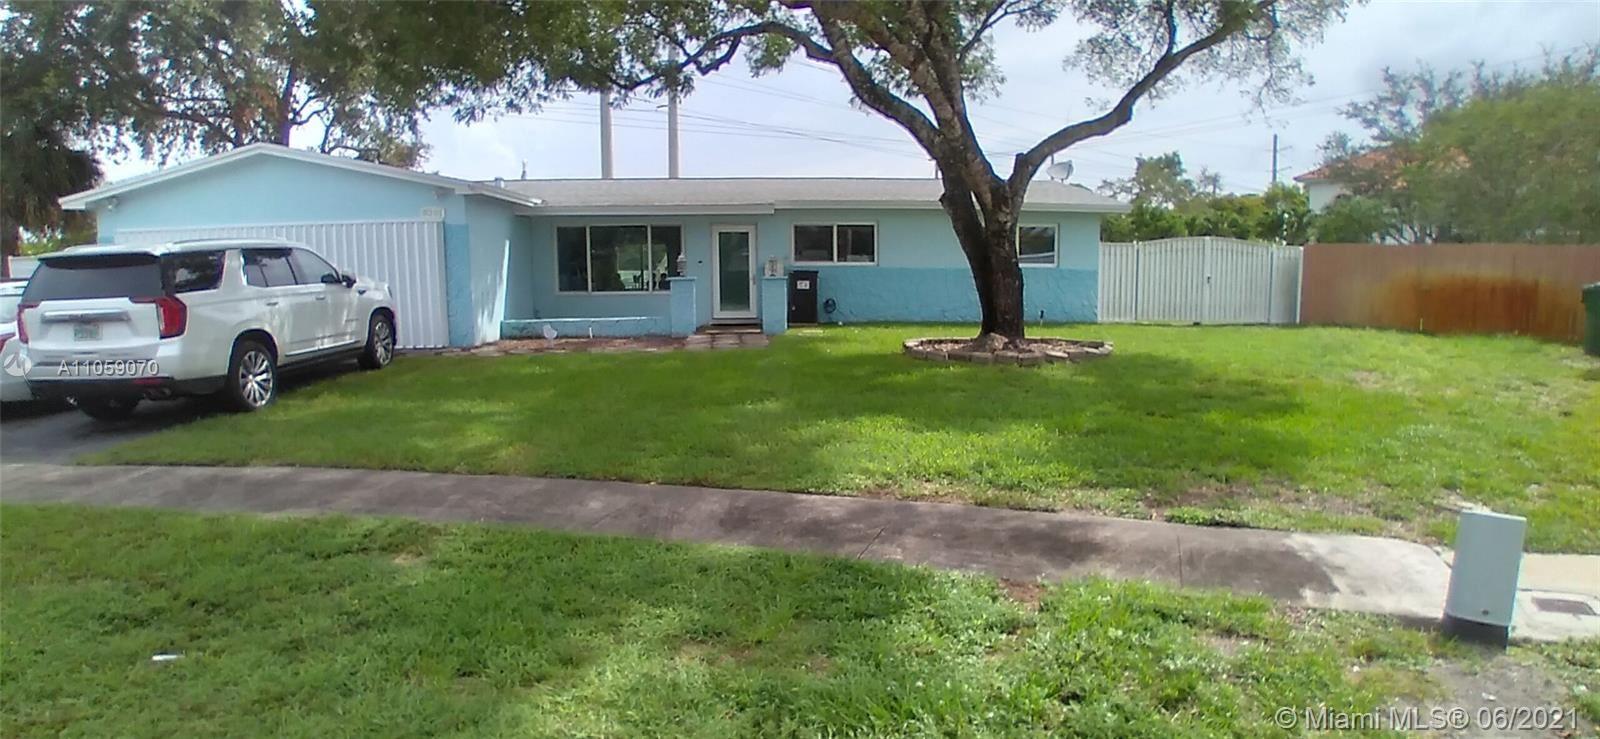 8201 NW 24th Ct, Pembroke Pines, FL 33024 - #: A11059070